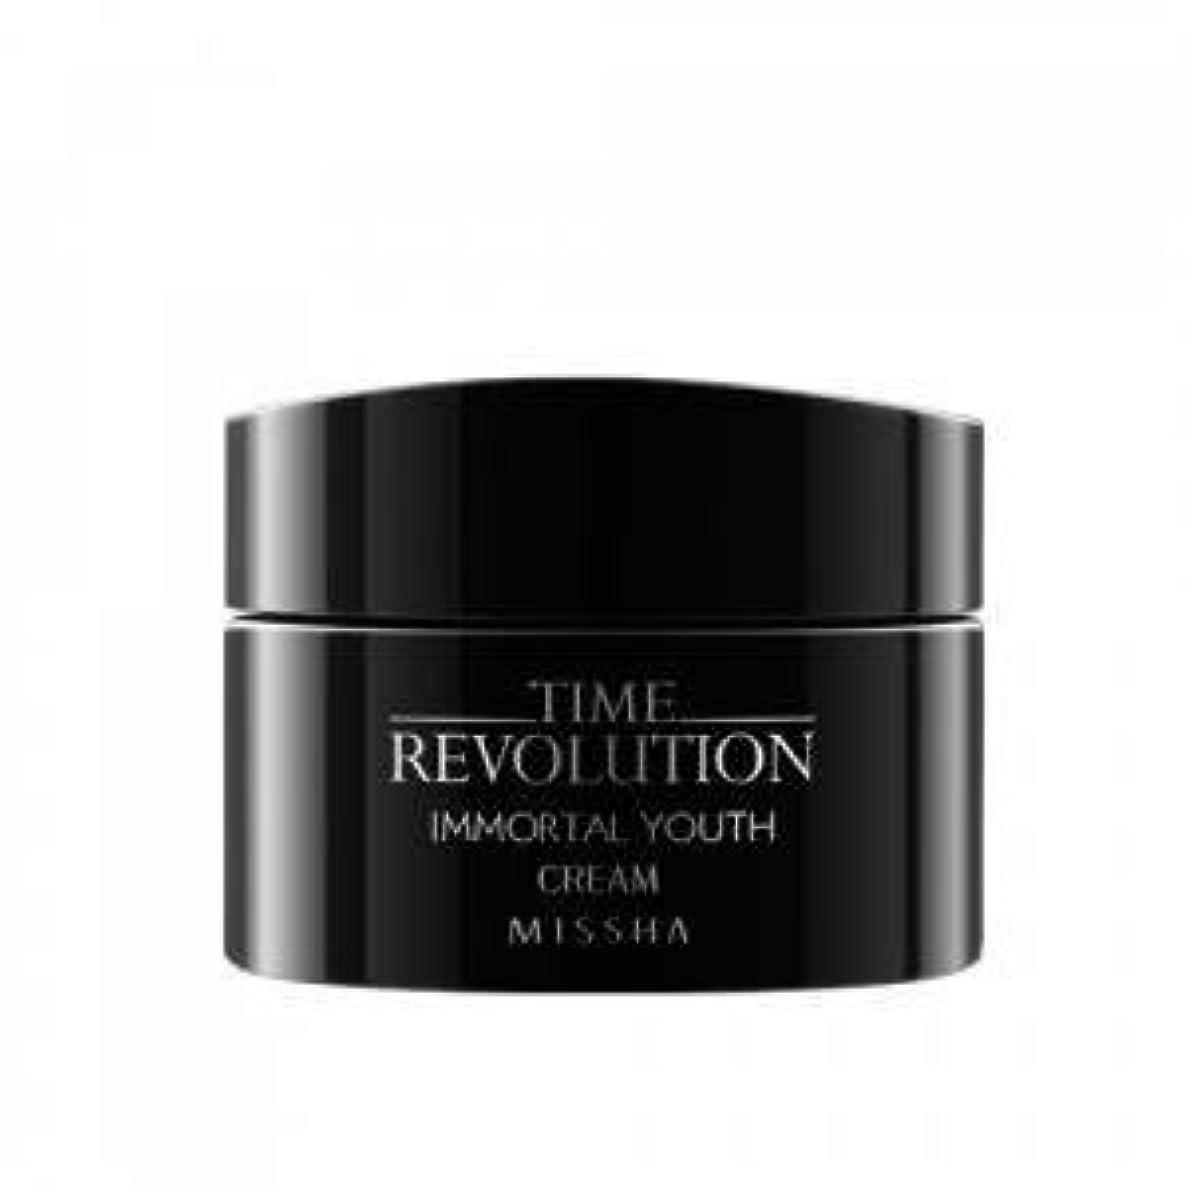 空白支援連隊【MISSHA (ミシャ)】 Time Revolution Immortal Youth Cream タイムレボリューション イモータルユース クリーム